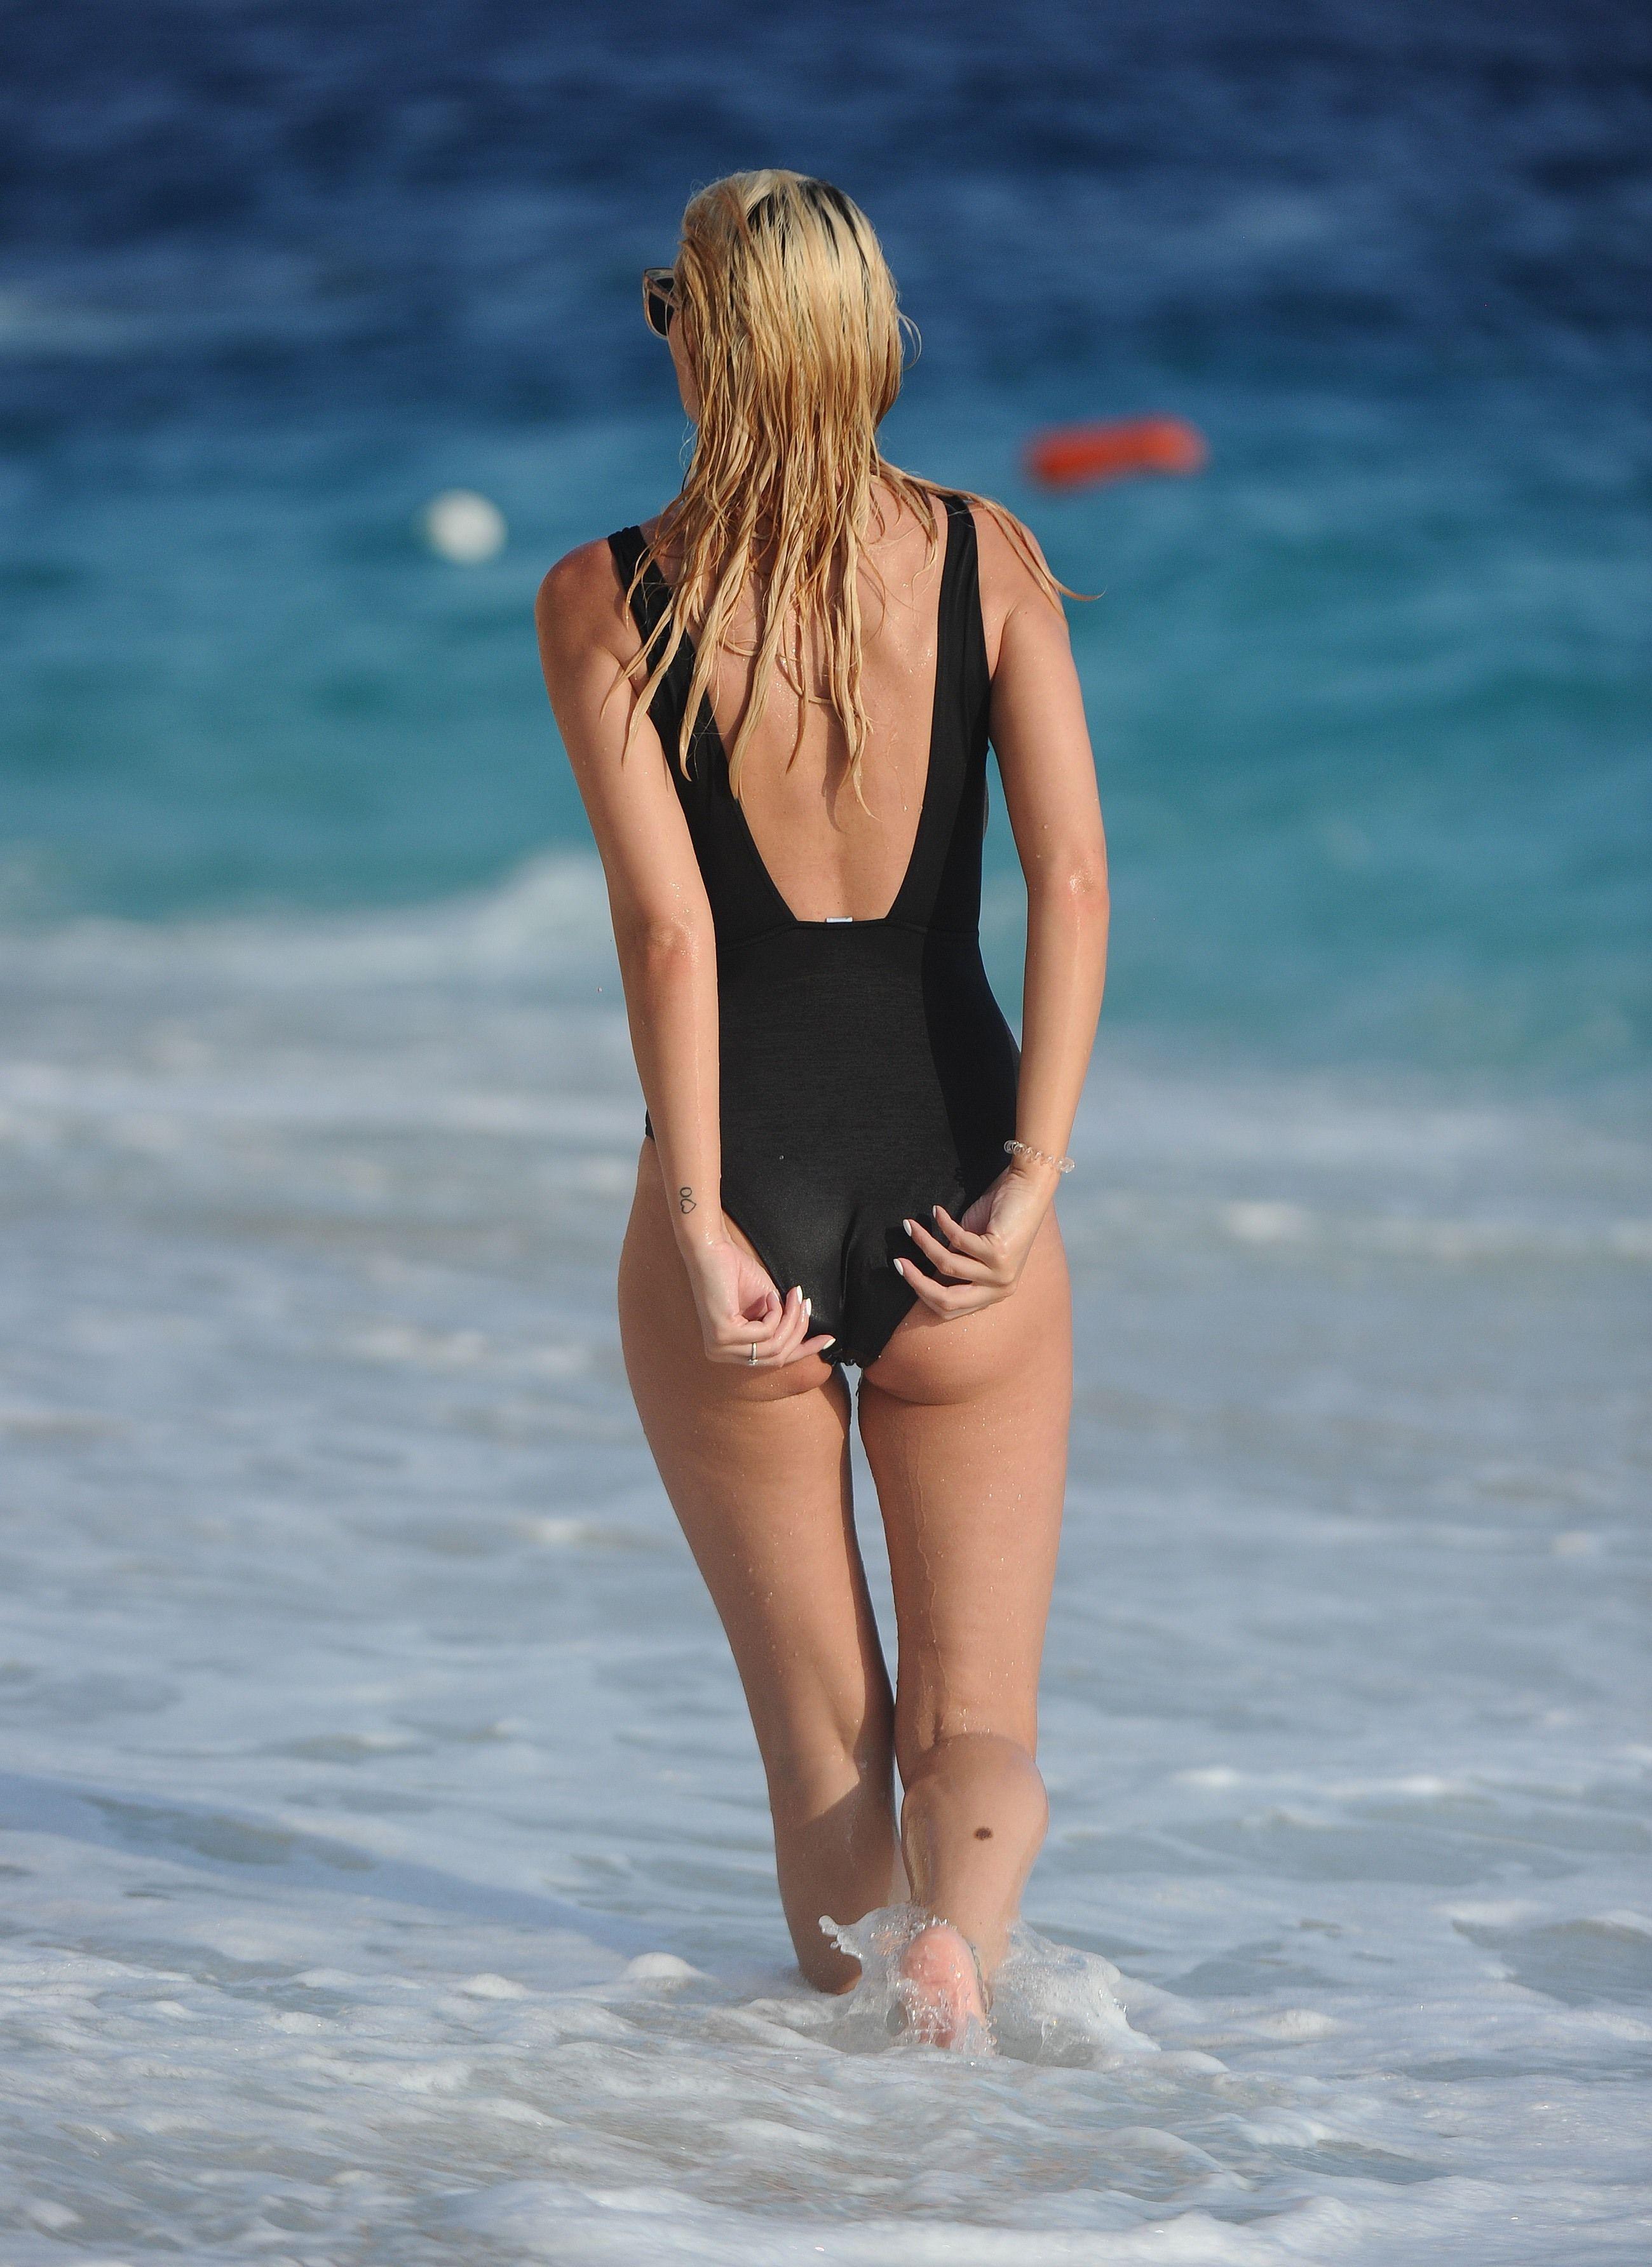 Model naked